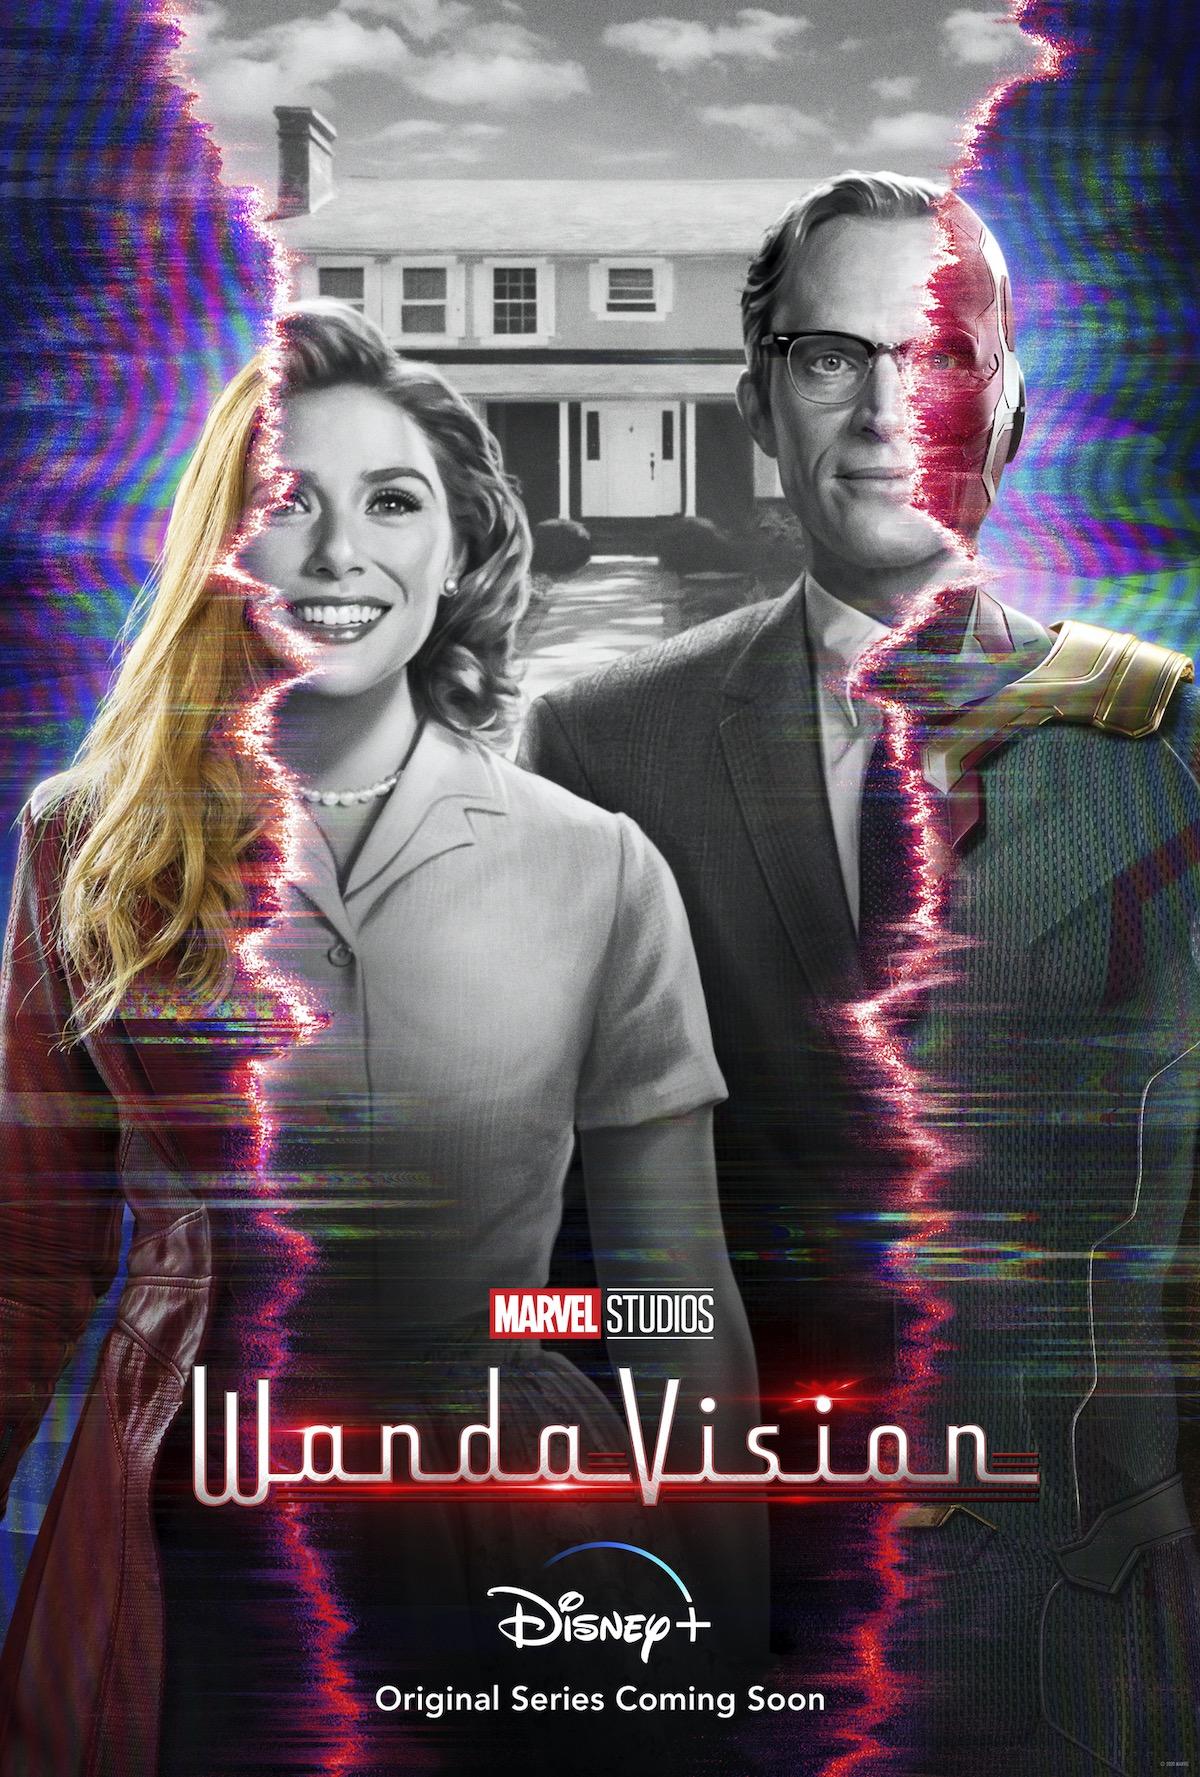 WandaVision - Jac Schaeffer